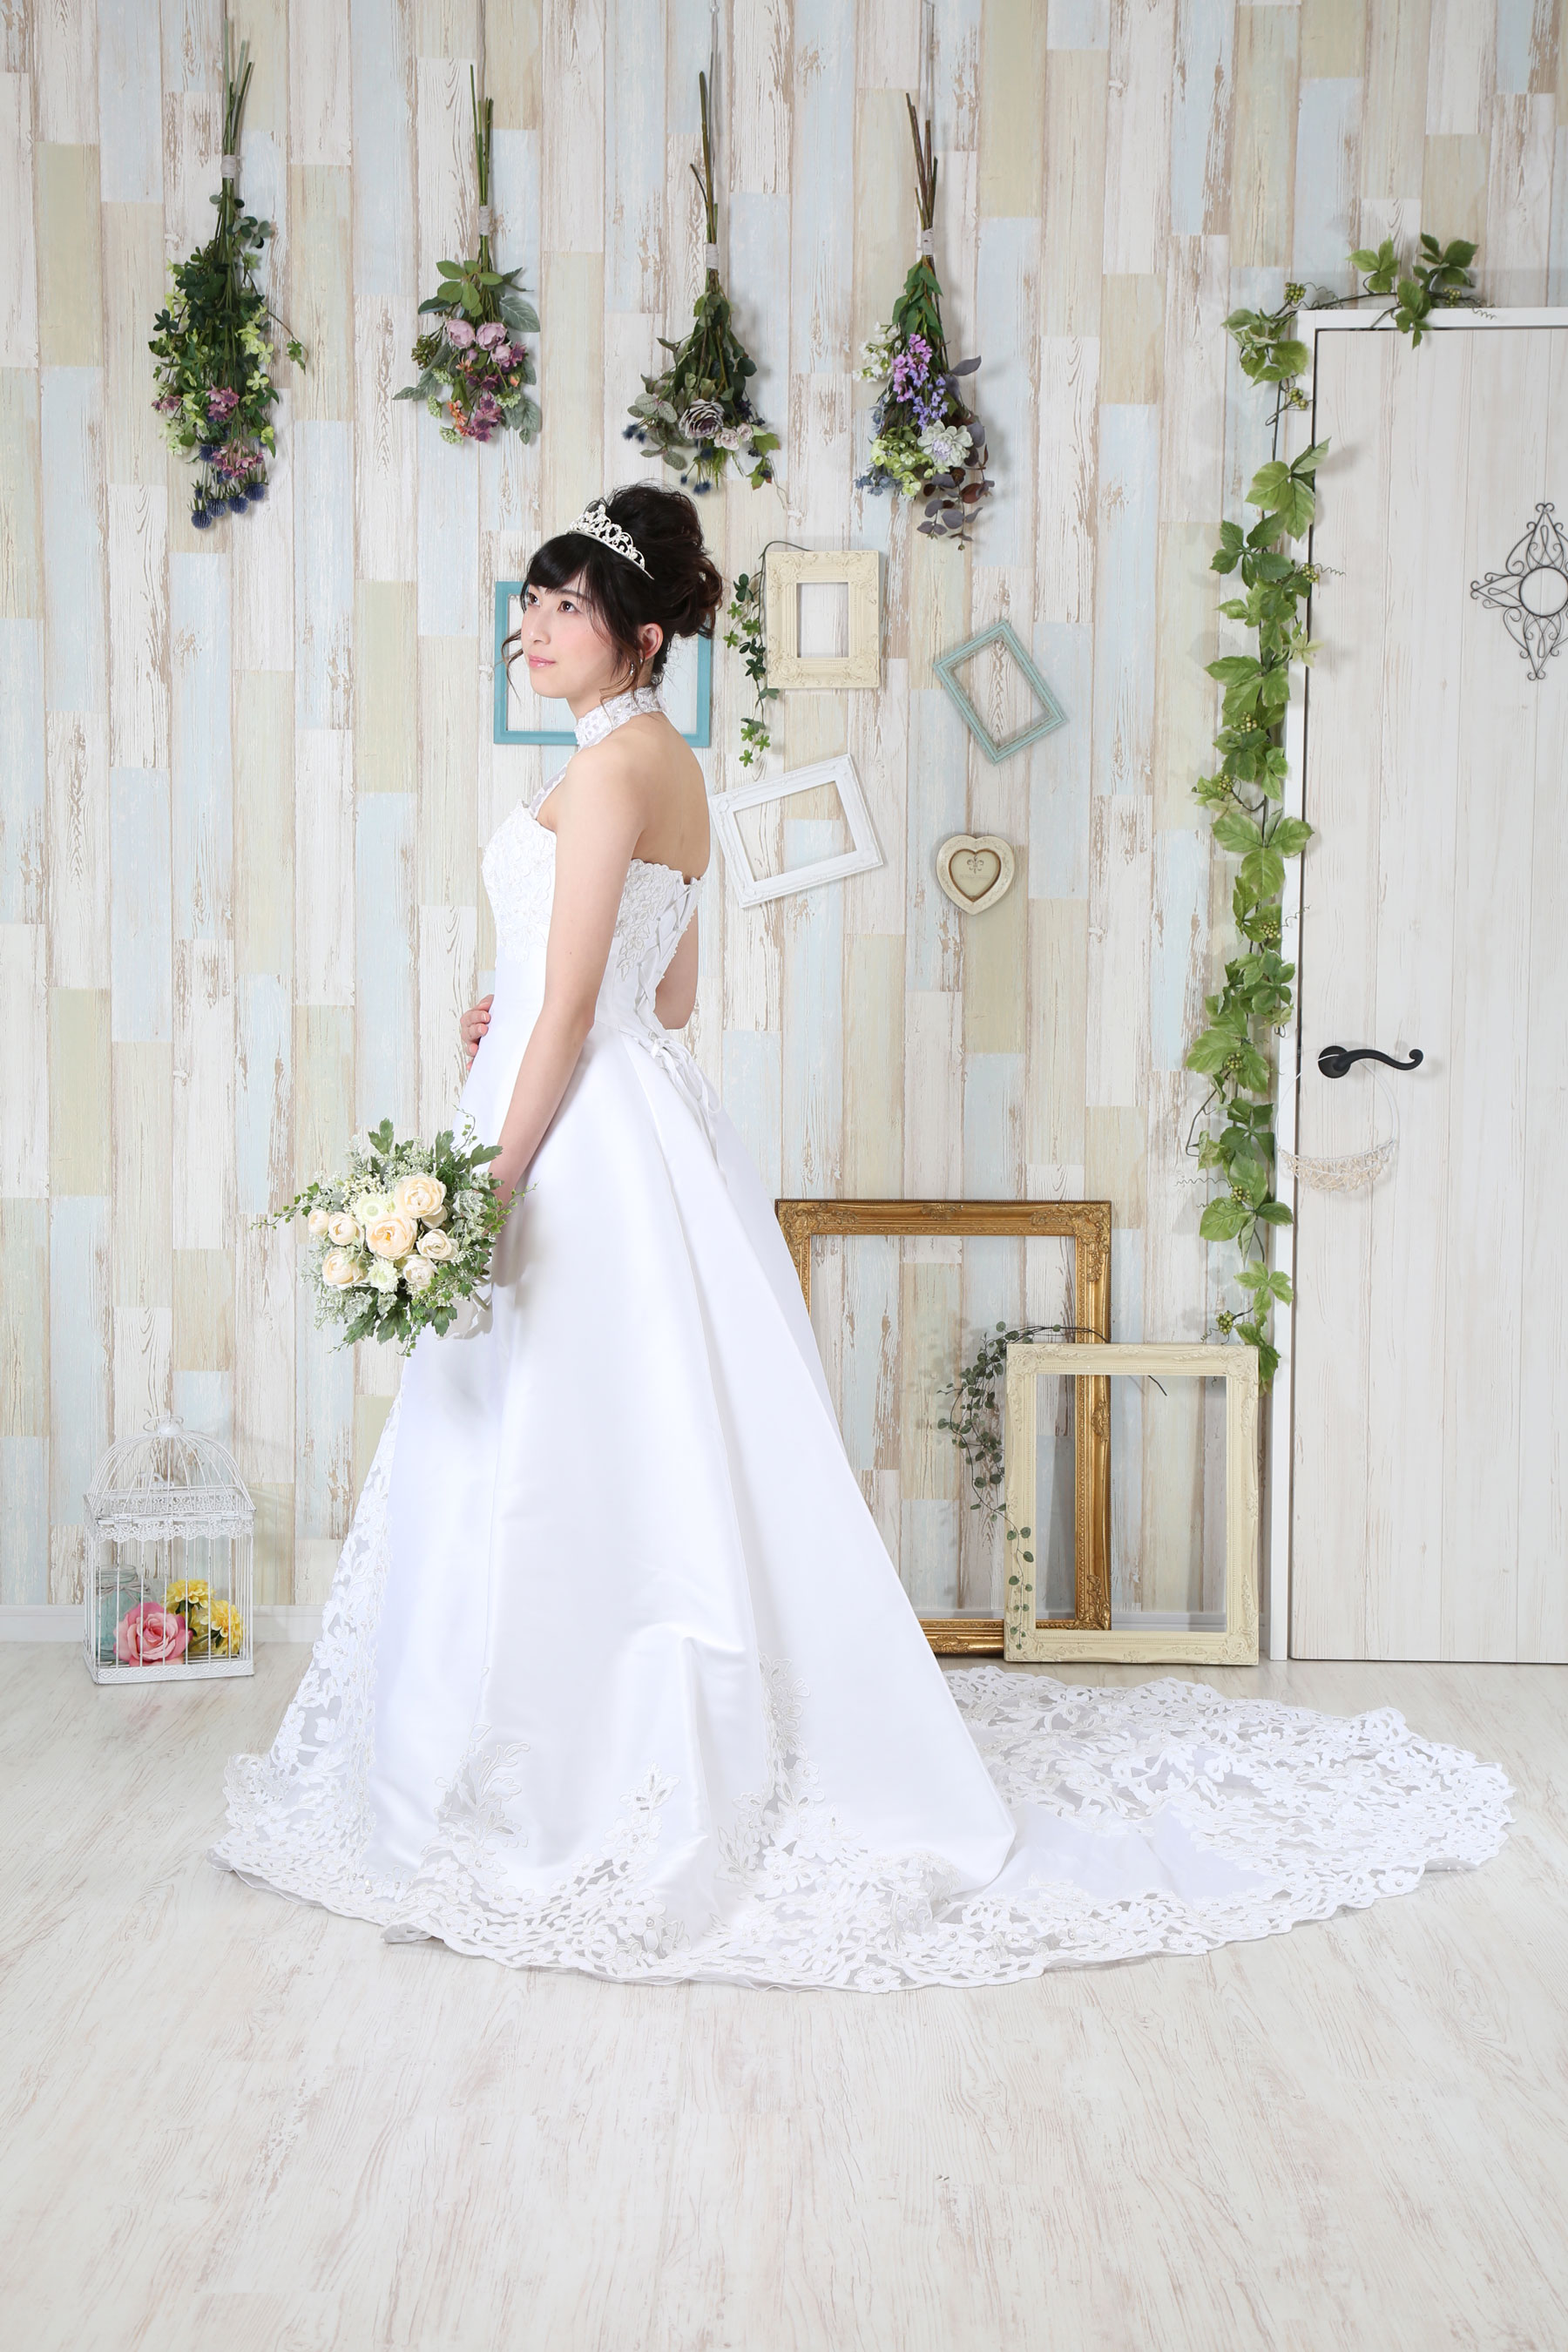 ★20180211-ドレス衣装撮影_135